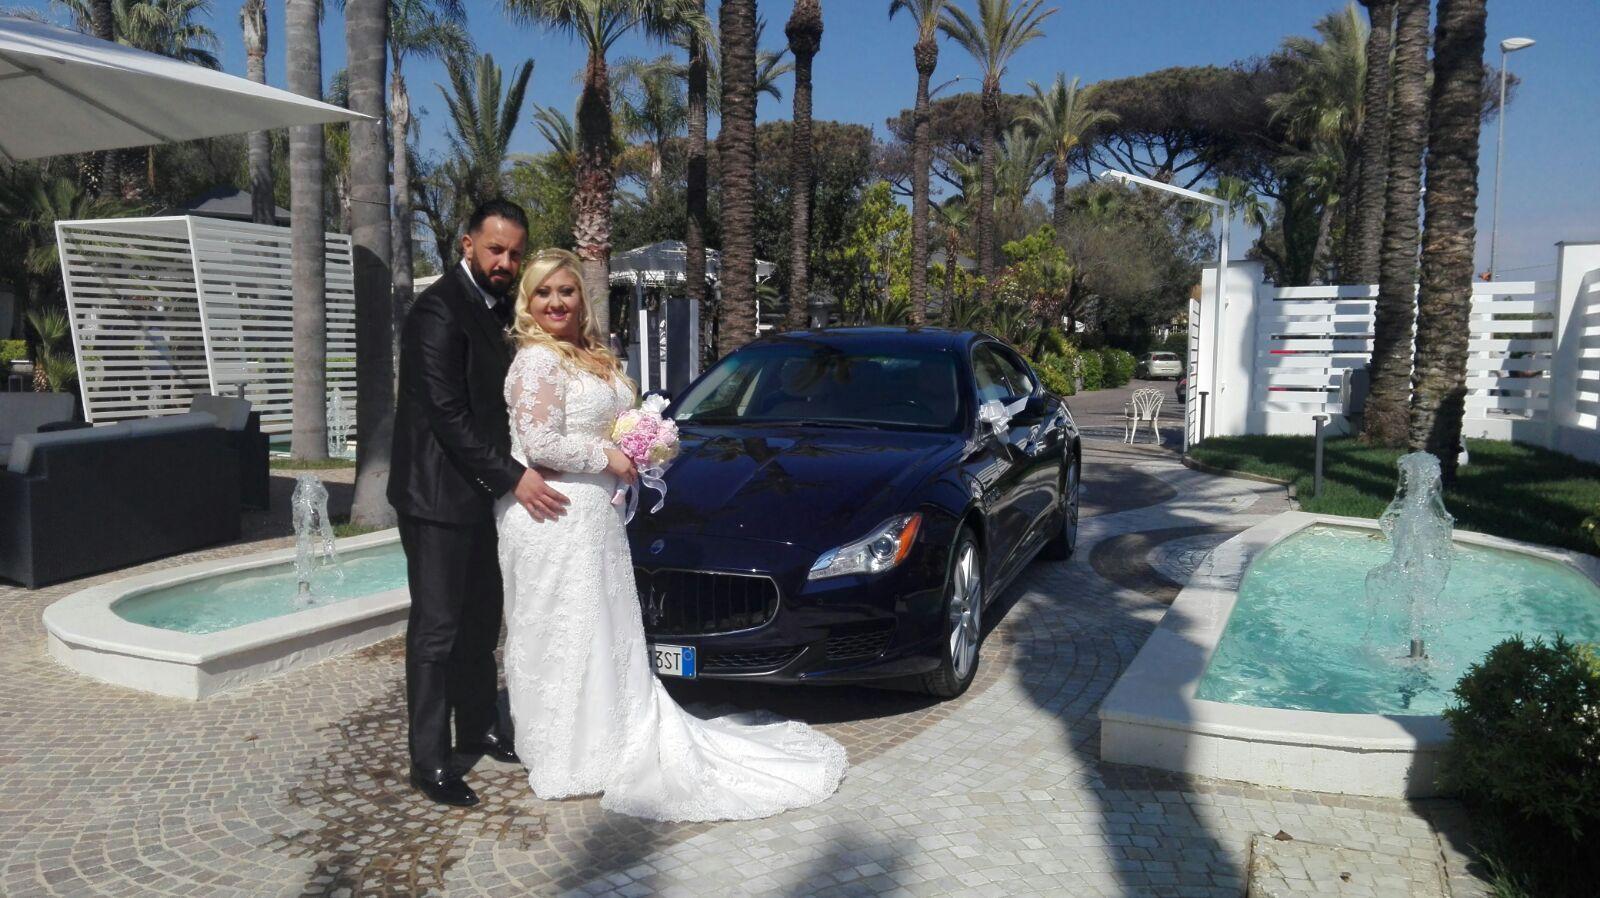 Oggi fantastico matrimonio con la Maserati Quattro Porte blu, che grazie al suo elegante colore ha esercitato il suo ruolo nei migliori dei modi. È davvero un'ammiraglia fantastica